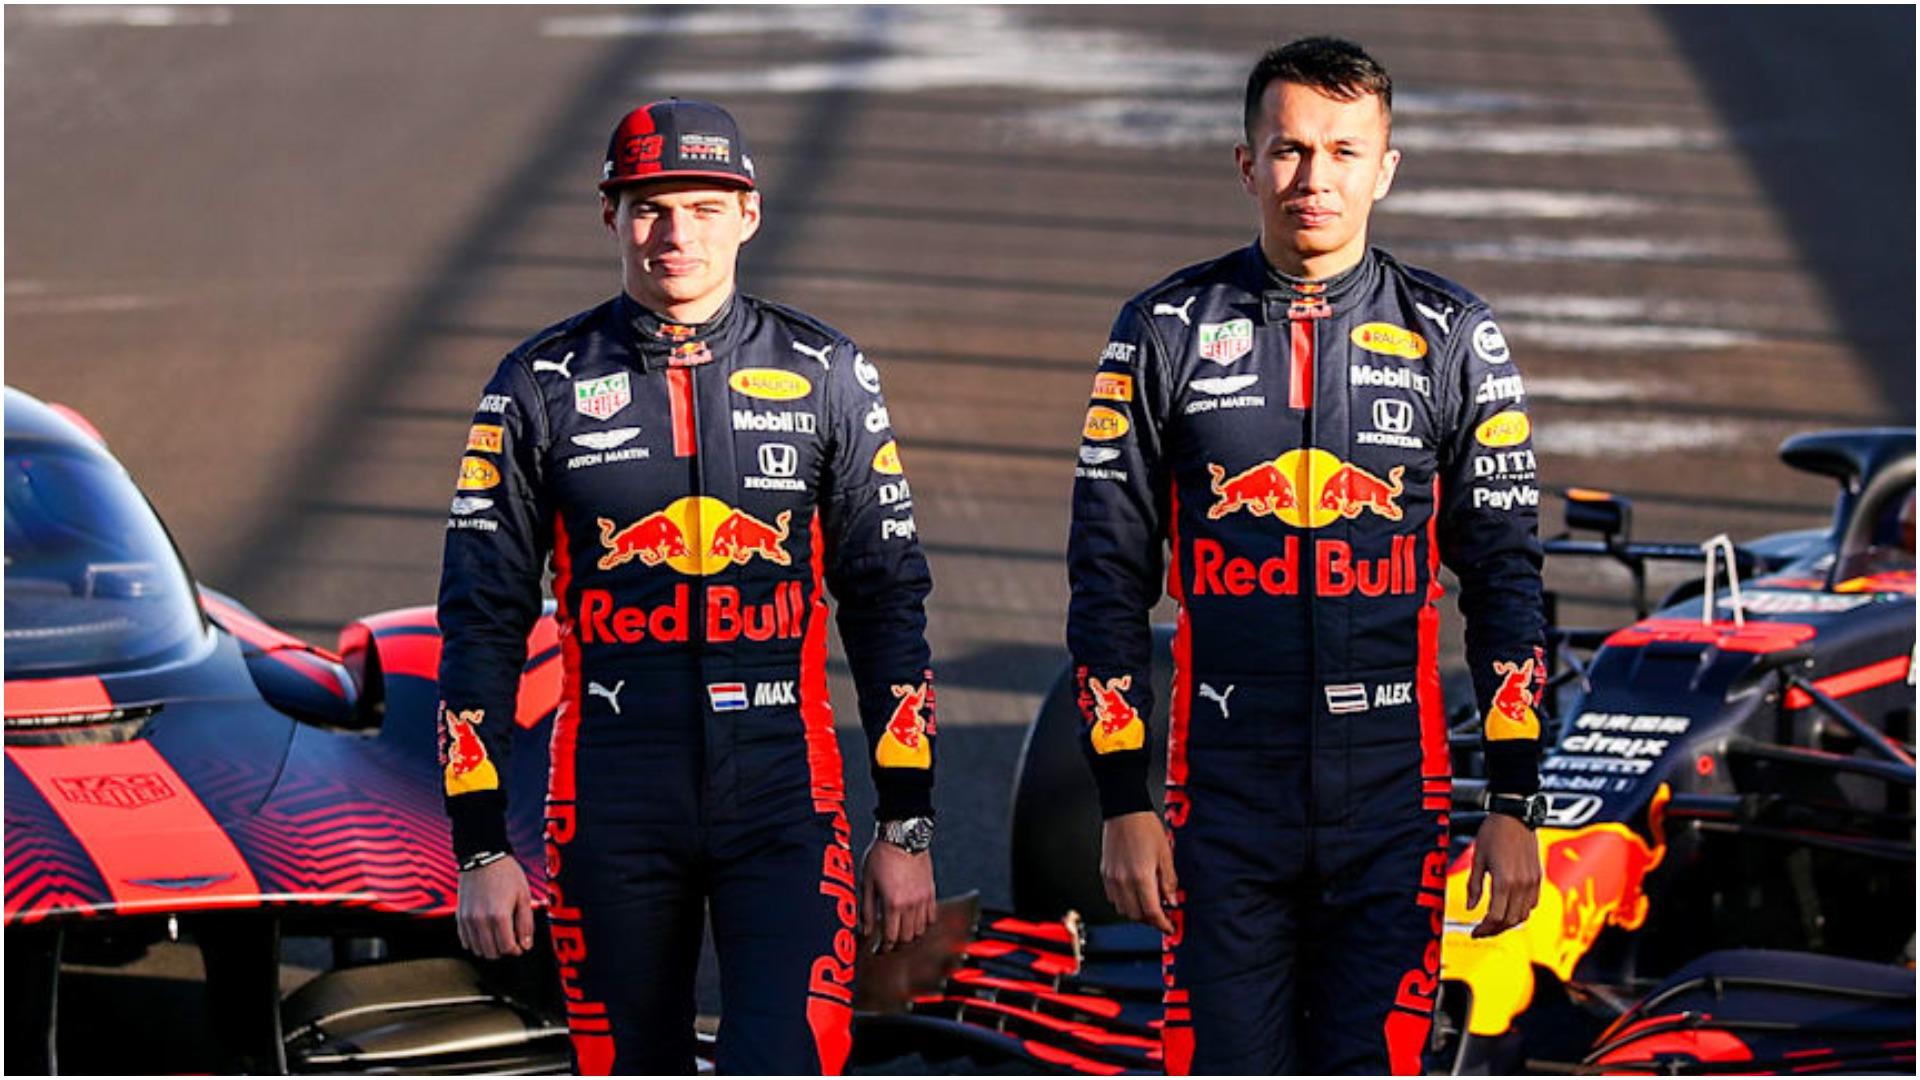 Anulimi i Formula 1 nuk i ndal, skuderia Red Bull piloton në Holandë